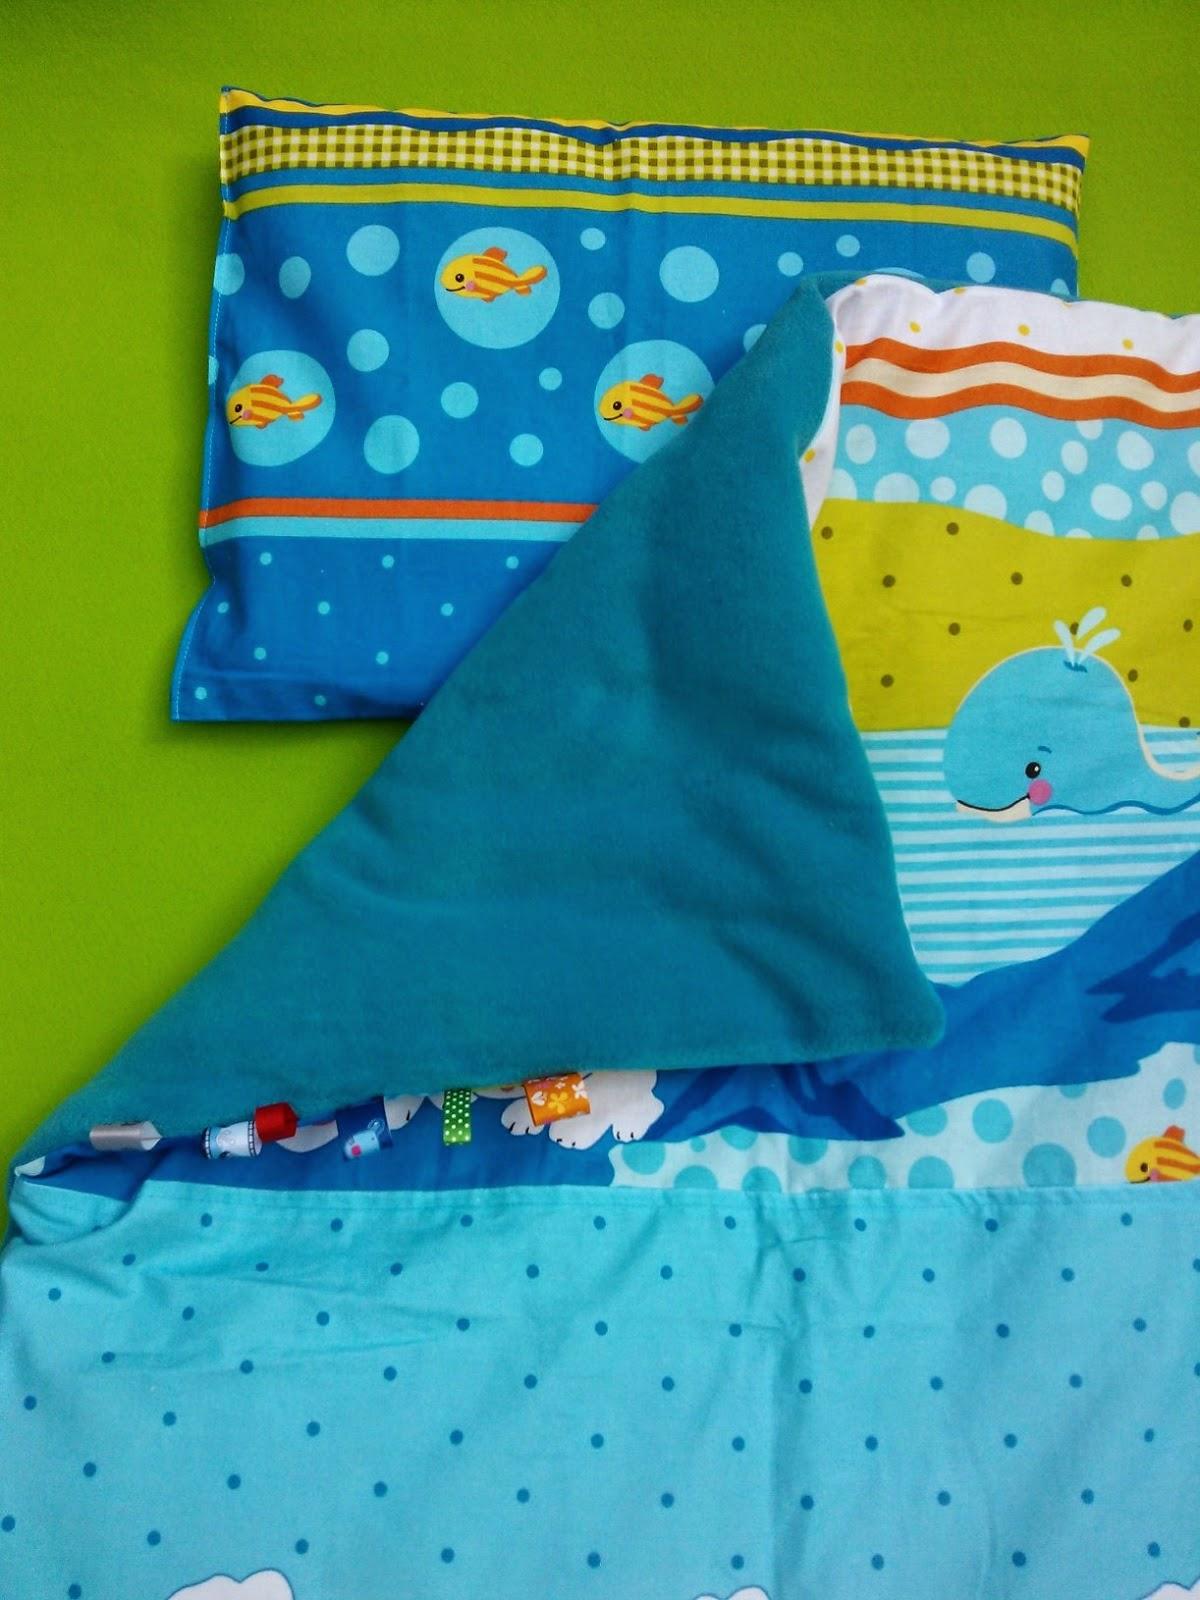 Dzisiejsza wyprawka dla małego dziecka to wersja dla chłopca. Ten zestaw posiada poduszkę z kolorowej bawełny i kołderkę/kocyk podszytą turkusowym, grubym polarem, która ma wszyte kolorowe metki pa bokach.   Włóknika silikonowa wykorzystana do uszycia całego zestawu jest bardzo miękka, puszysta i przez długi czas zachowuje sprężystość. Wypełniacz posiada również właściwości antyalergiczne, jest przewiewna, nie chłonie wilgoci i jest bezwonna.   wymiary kołderki/kocyka:   szerokość - 80cm  wysokość - 100cm  wymiary podusi:  szerokość - 48cm  wysokość - 35cm